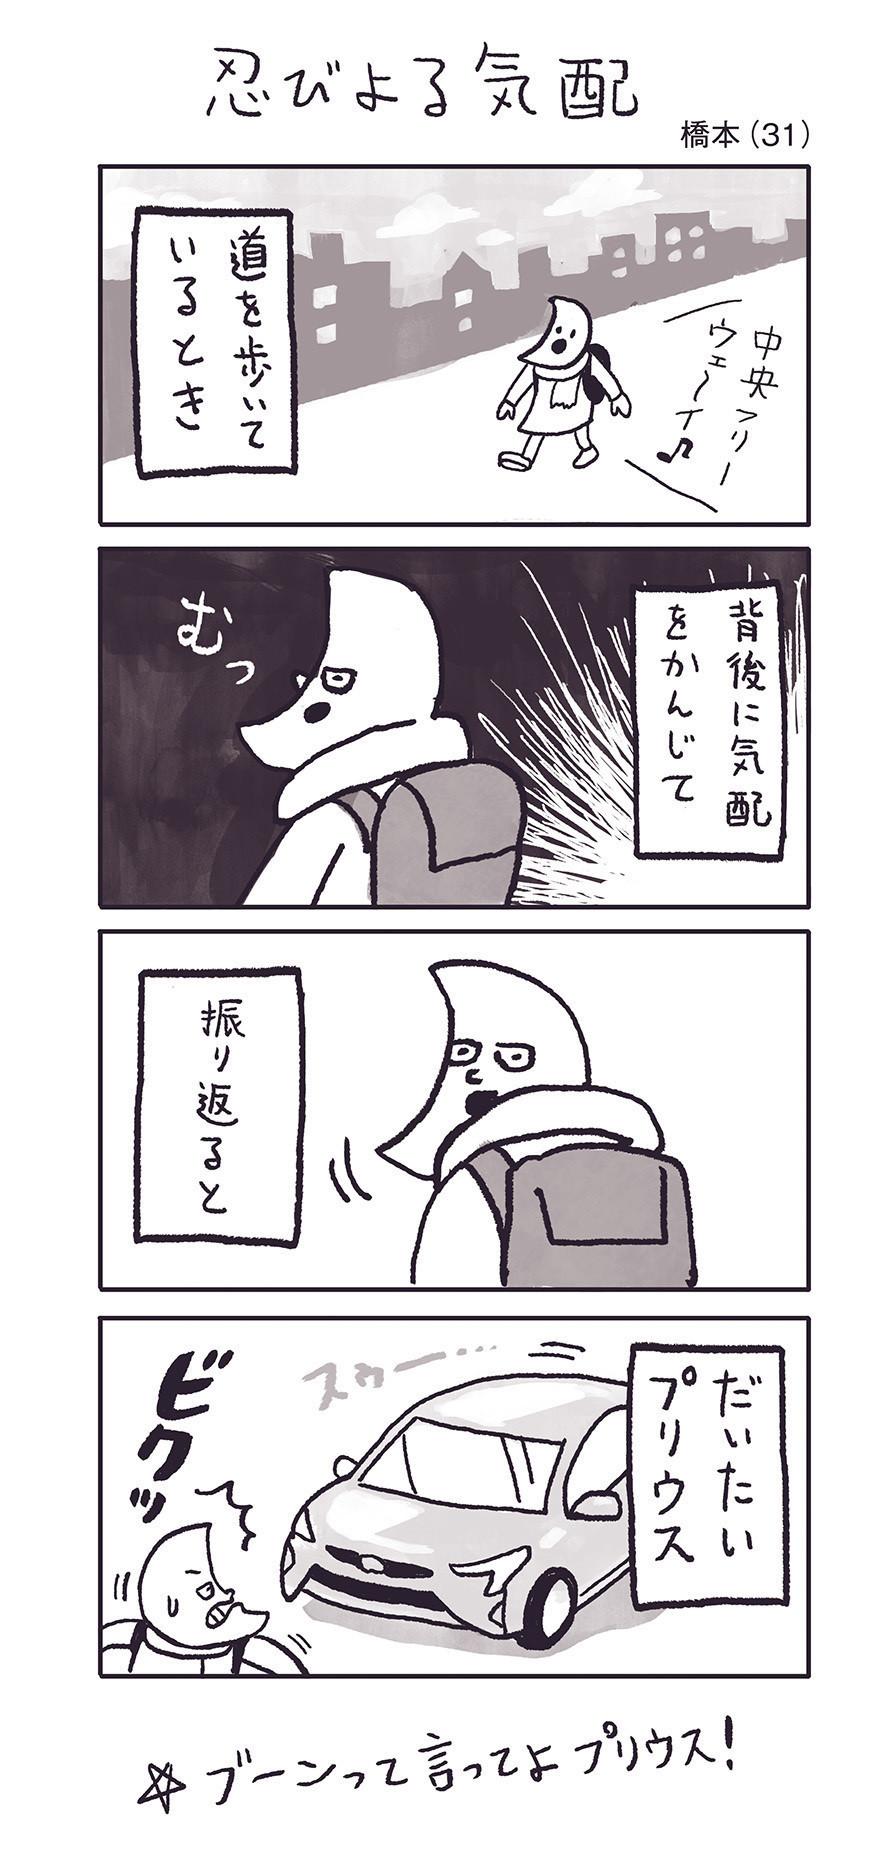 #マンガ #漫画 #4コマまんが #車